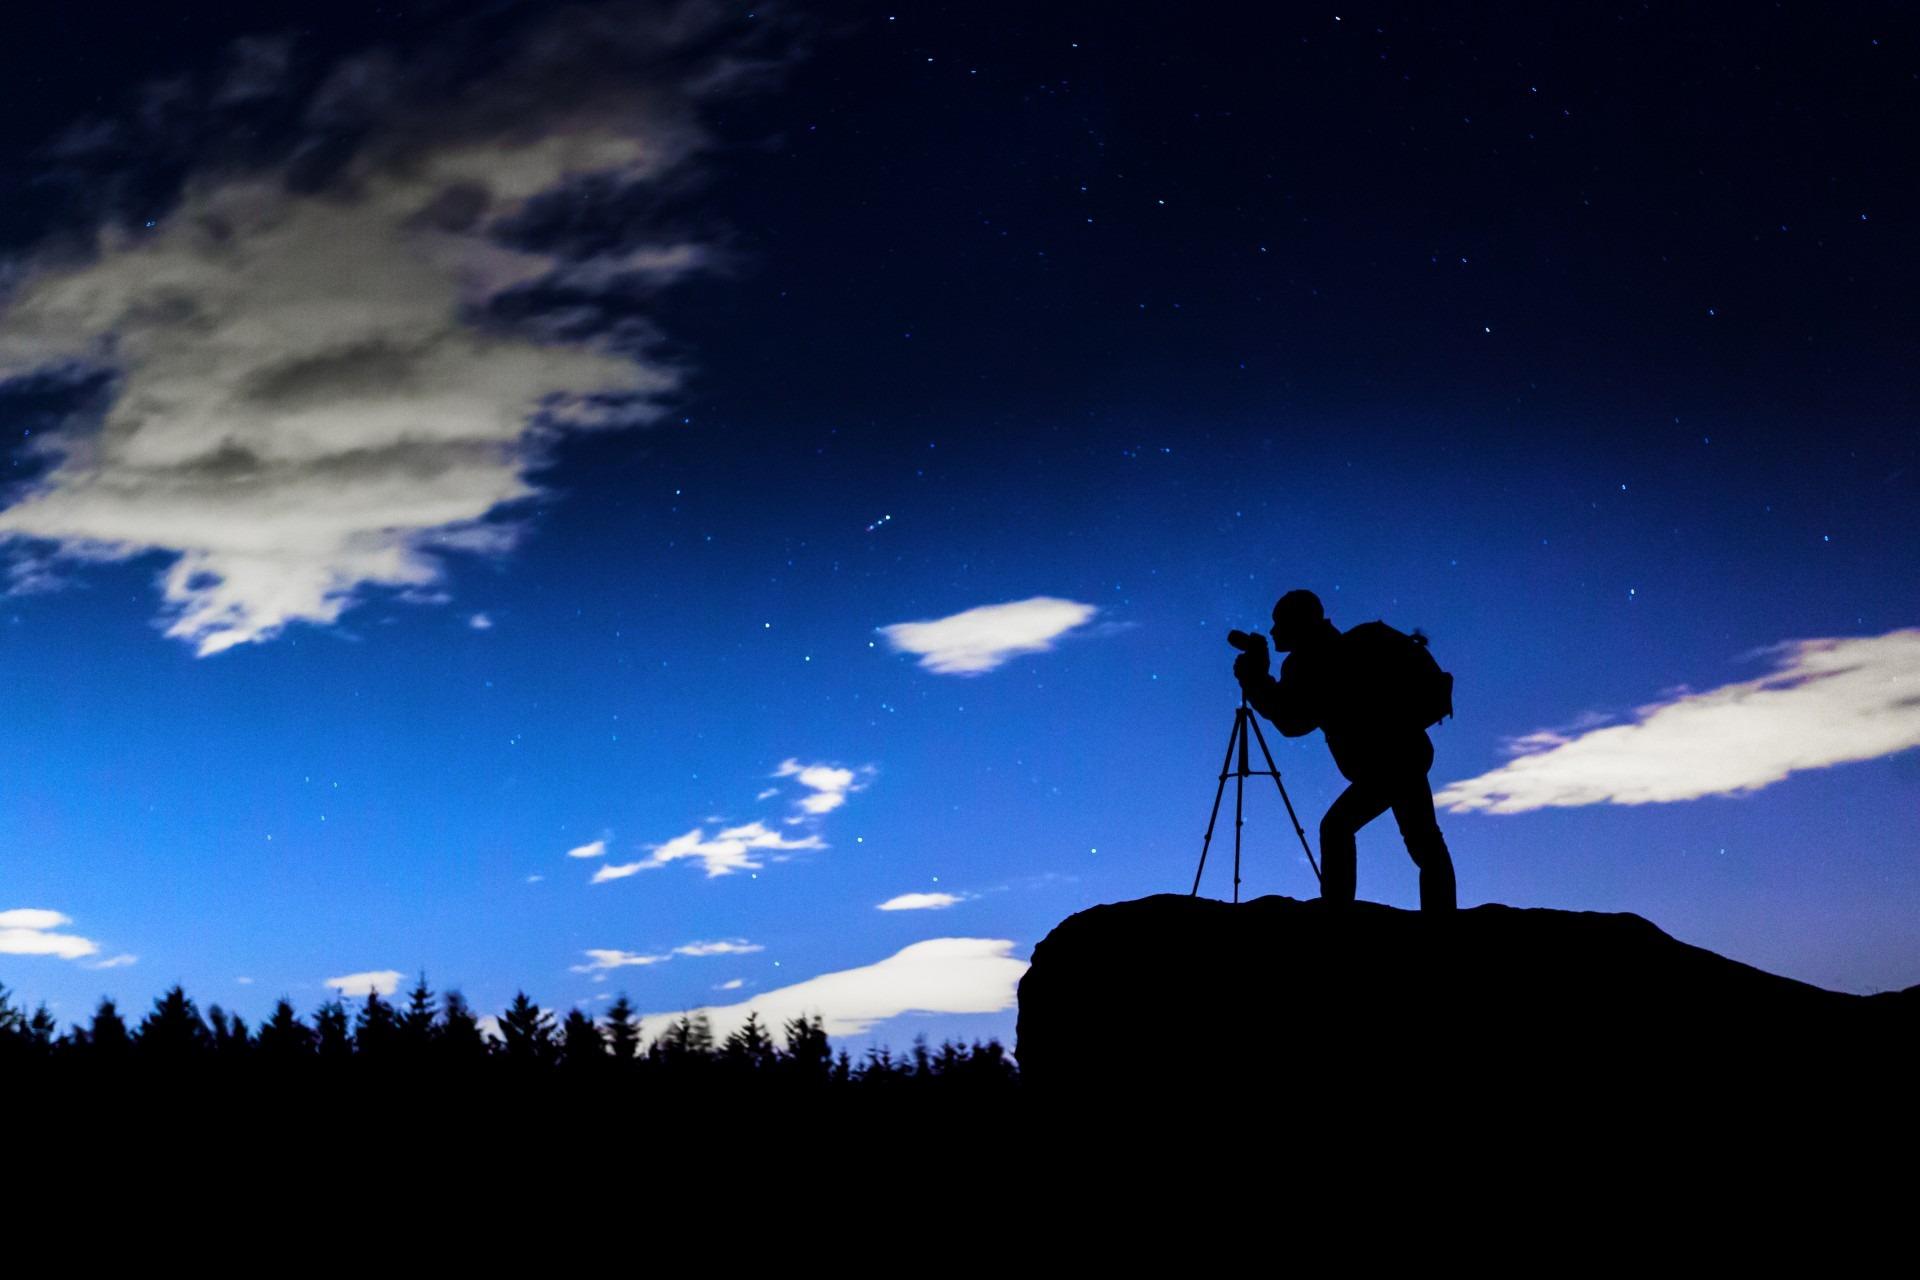 фотоаппарат для снимков ночного неба имею причудливые острые